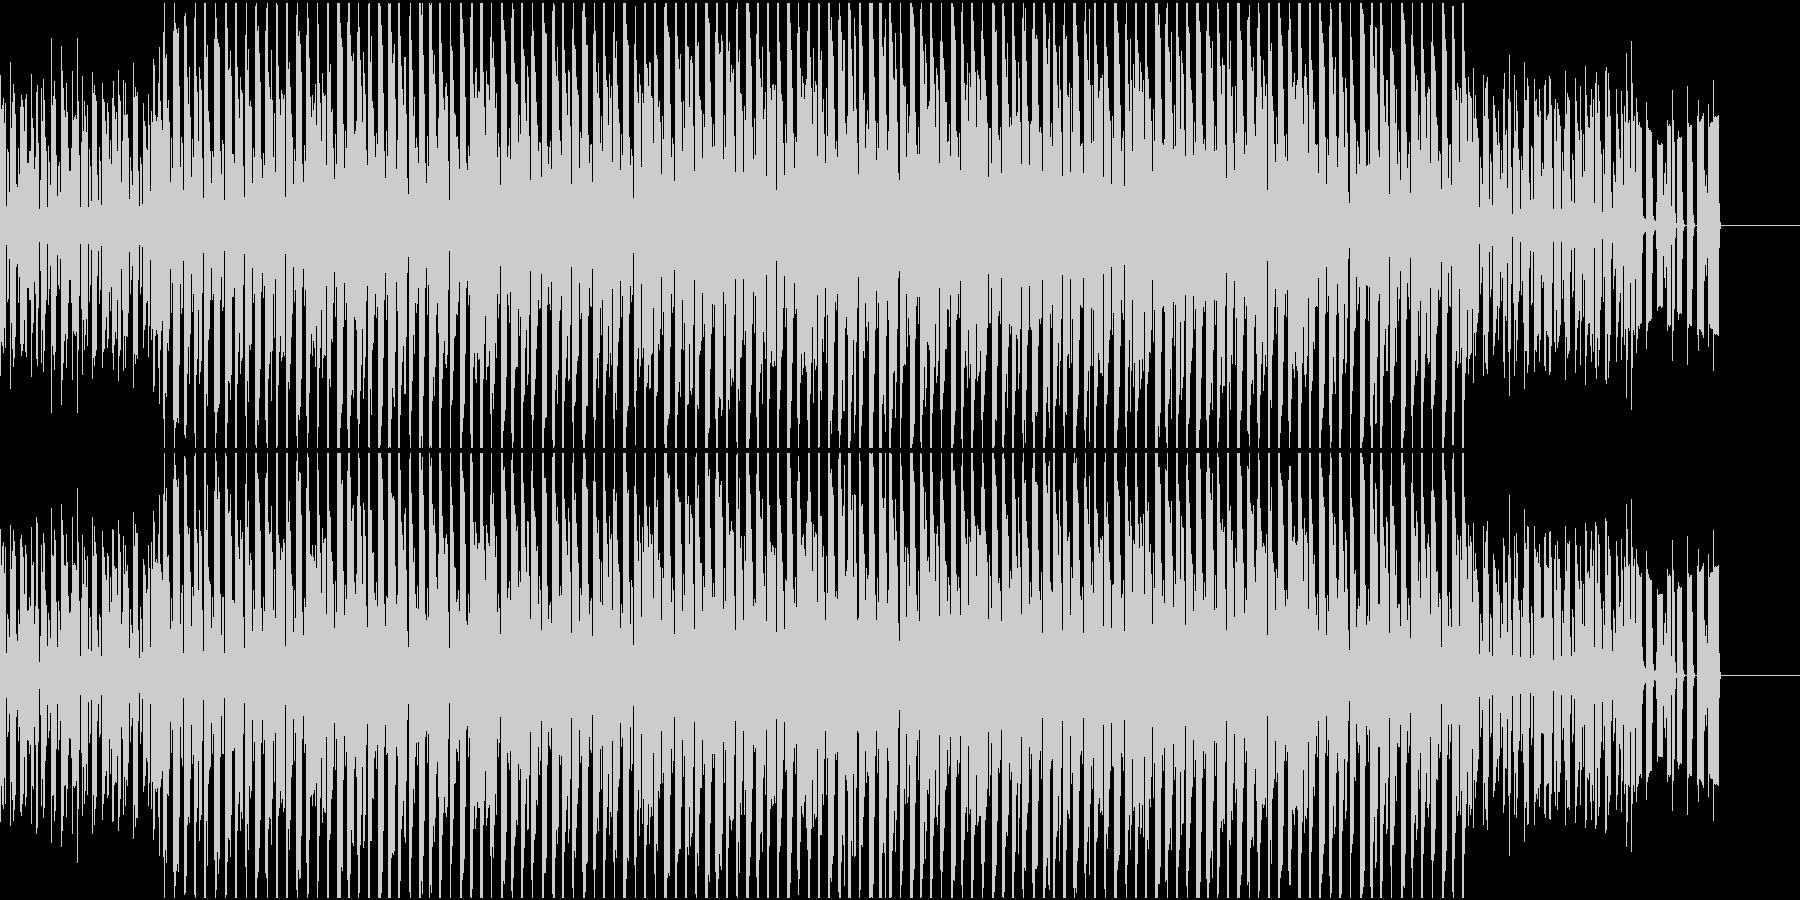 不安感煽るビートの未再生の波形